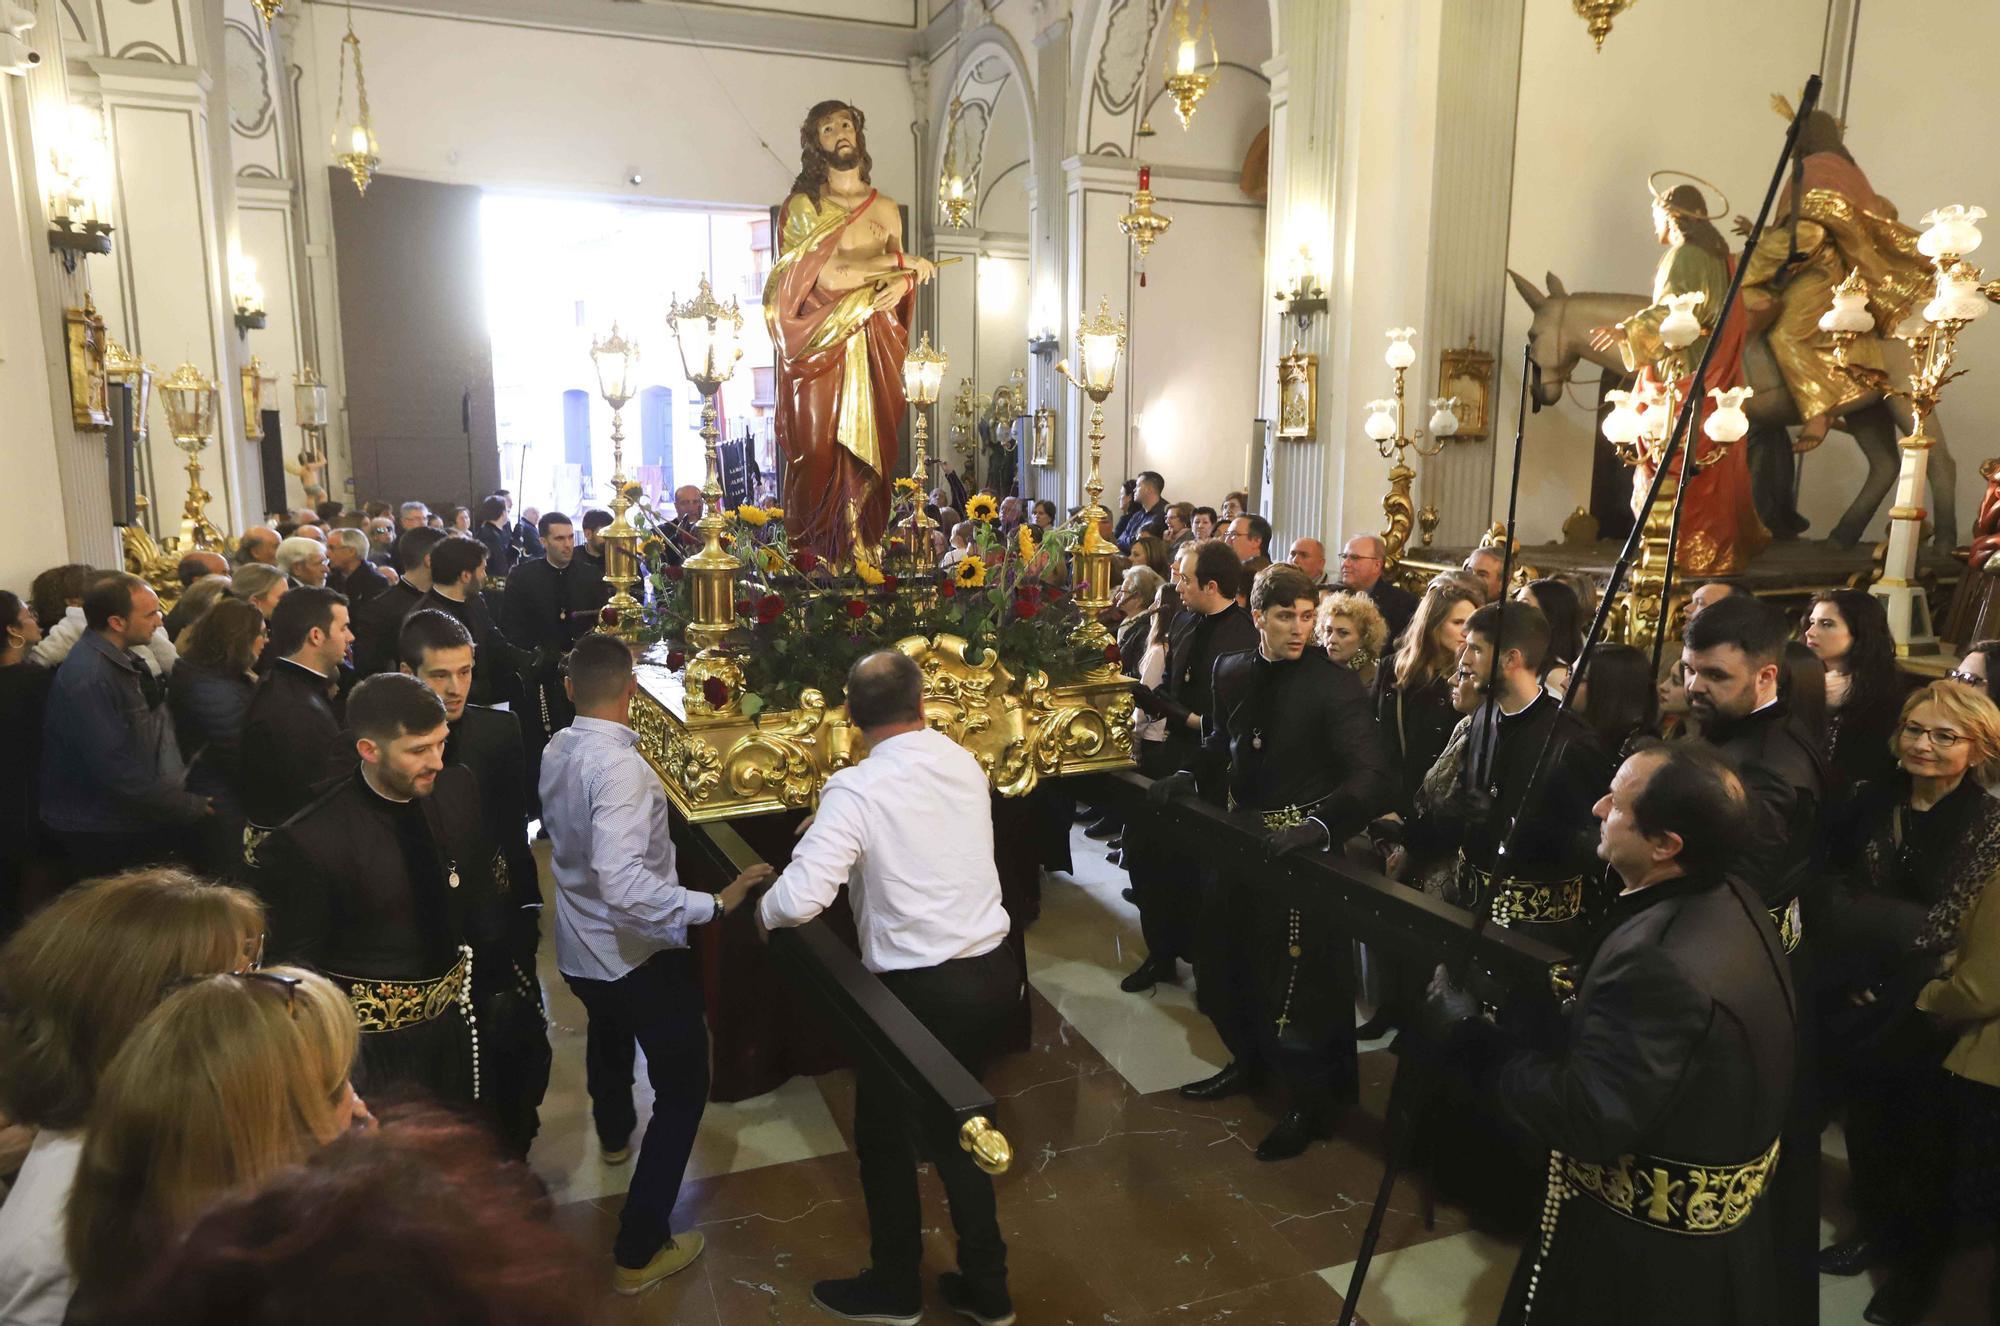 Así fue la última imposición de medallas, en la Semana Santa de Sagunt.